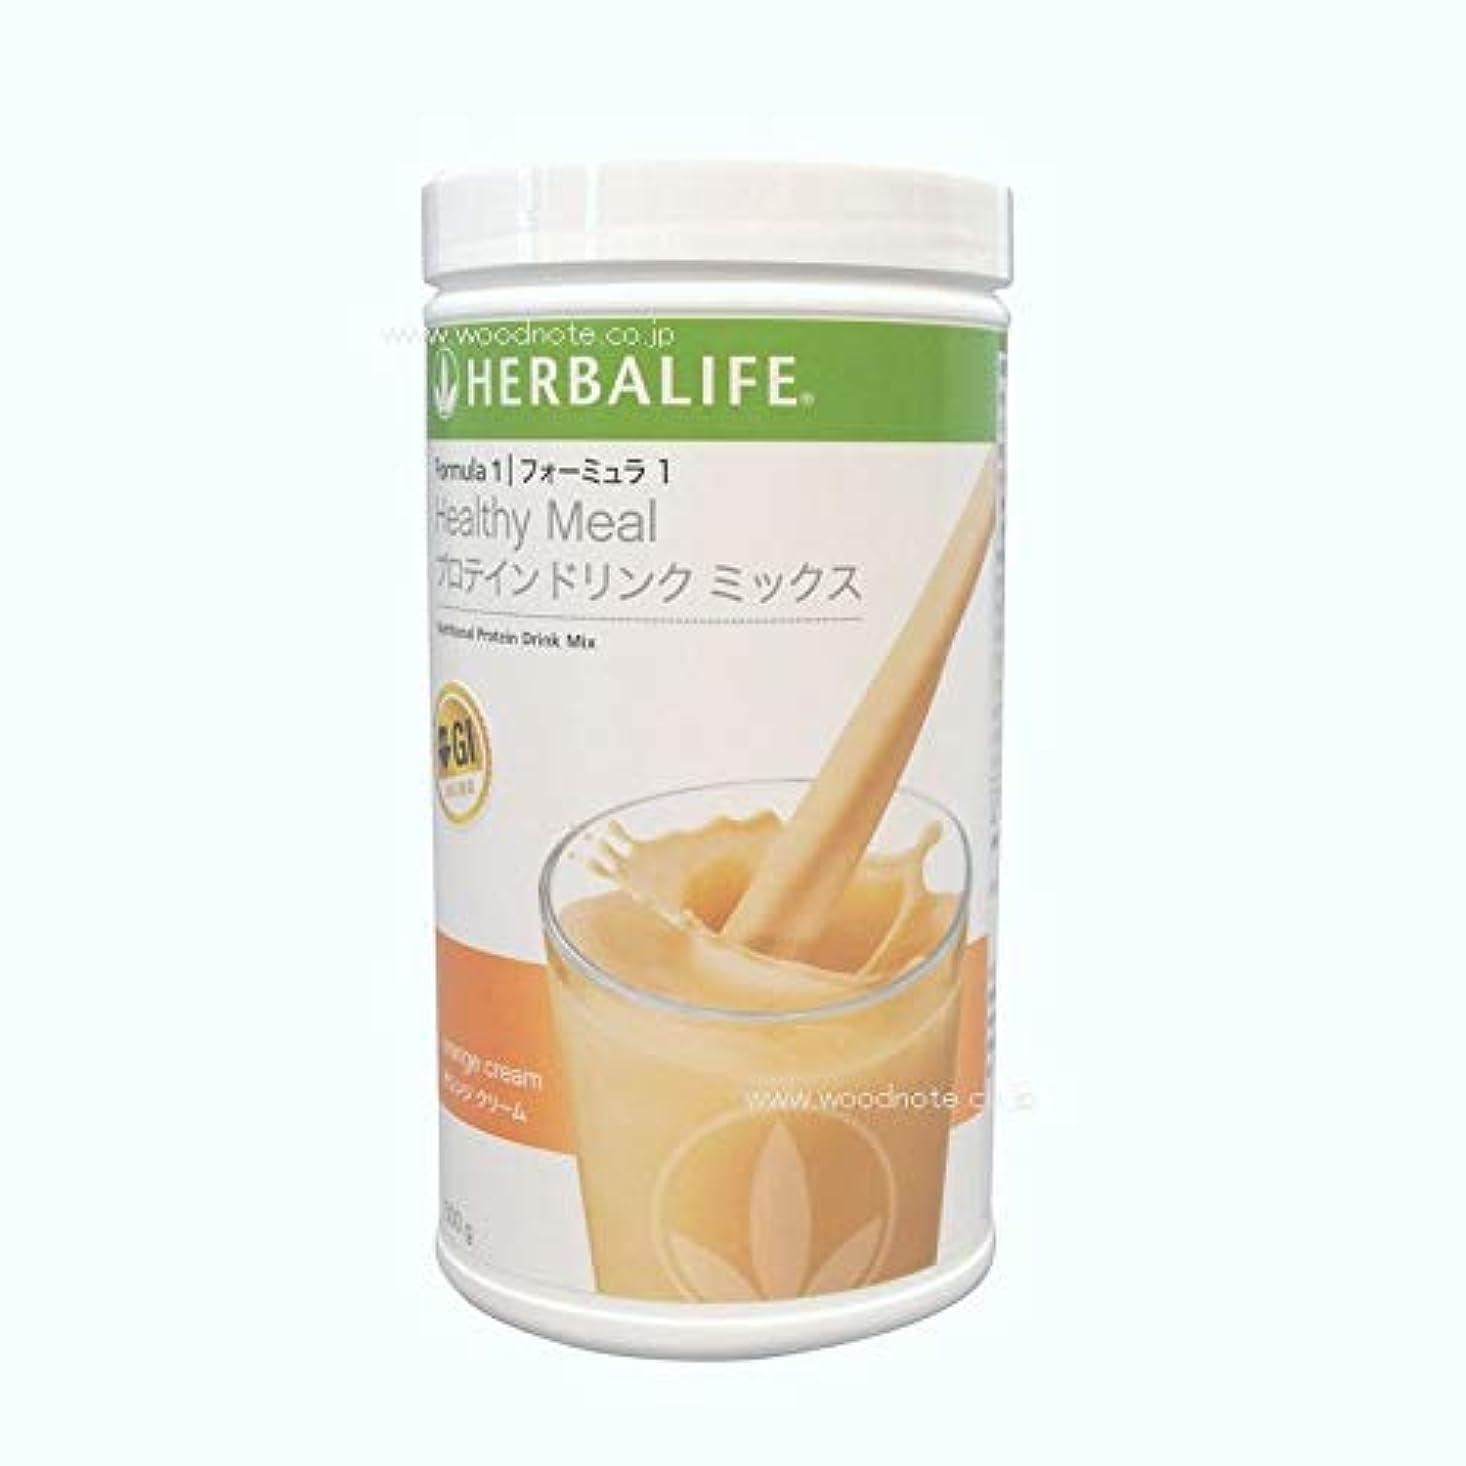 変更可能教えロック解除ハーバライフ HERBALIFE フォーミュラ1プロテインドリンクミックス オレンジクリーム味